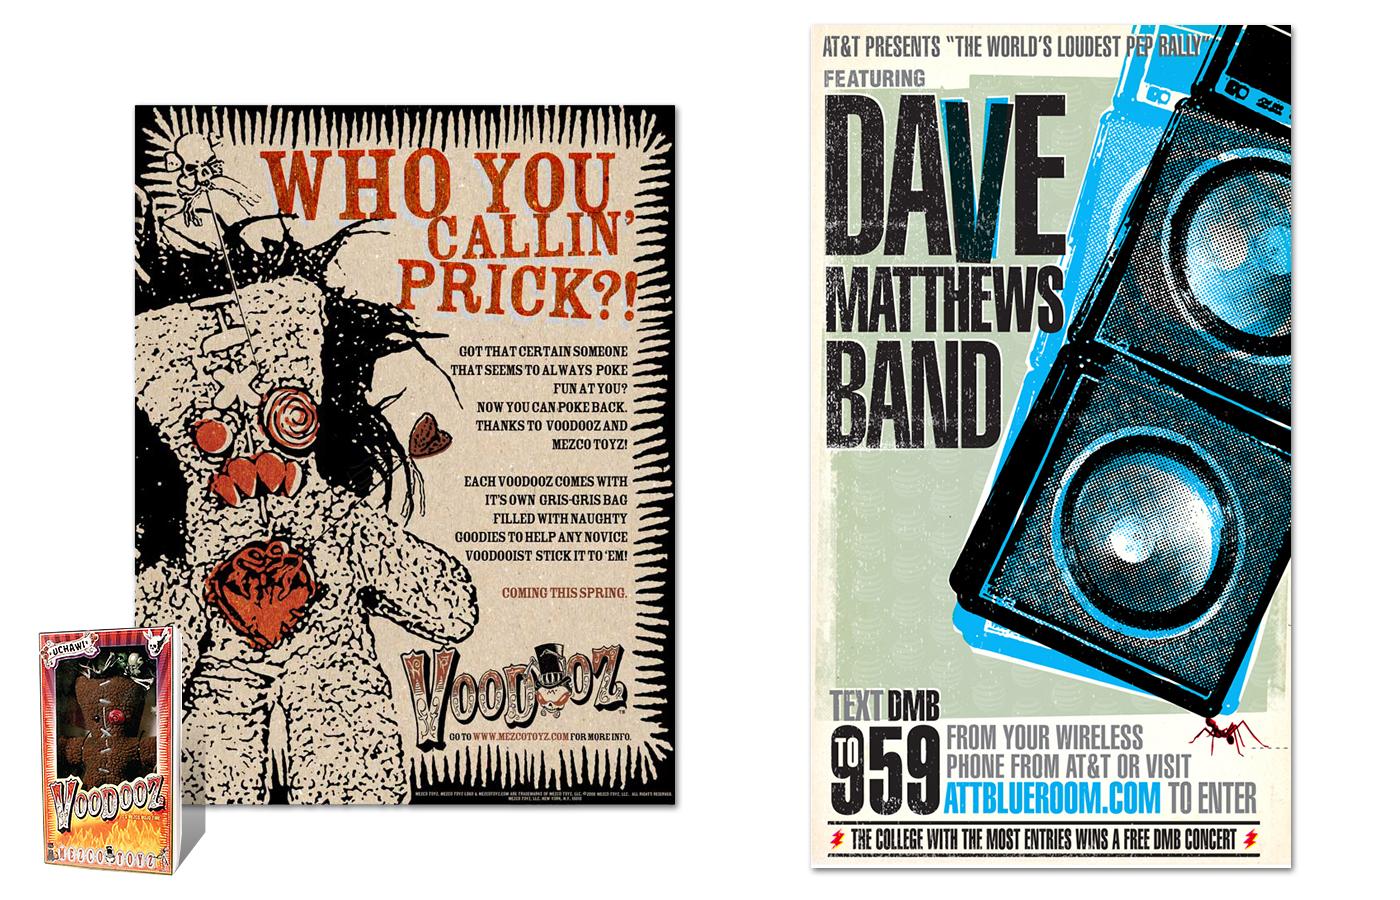 Voodooz & Dave Matthews Band